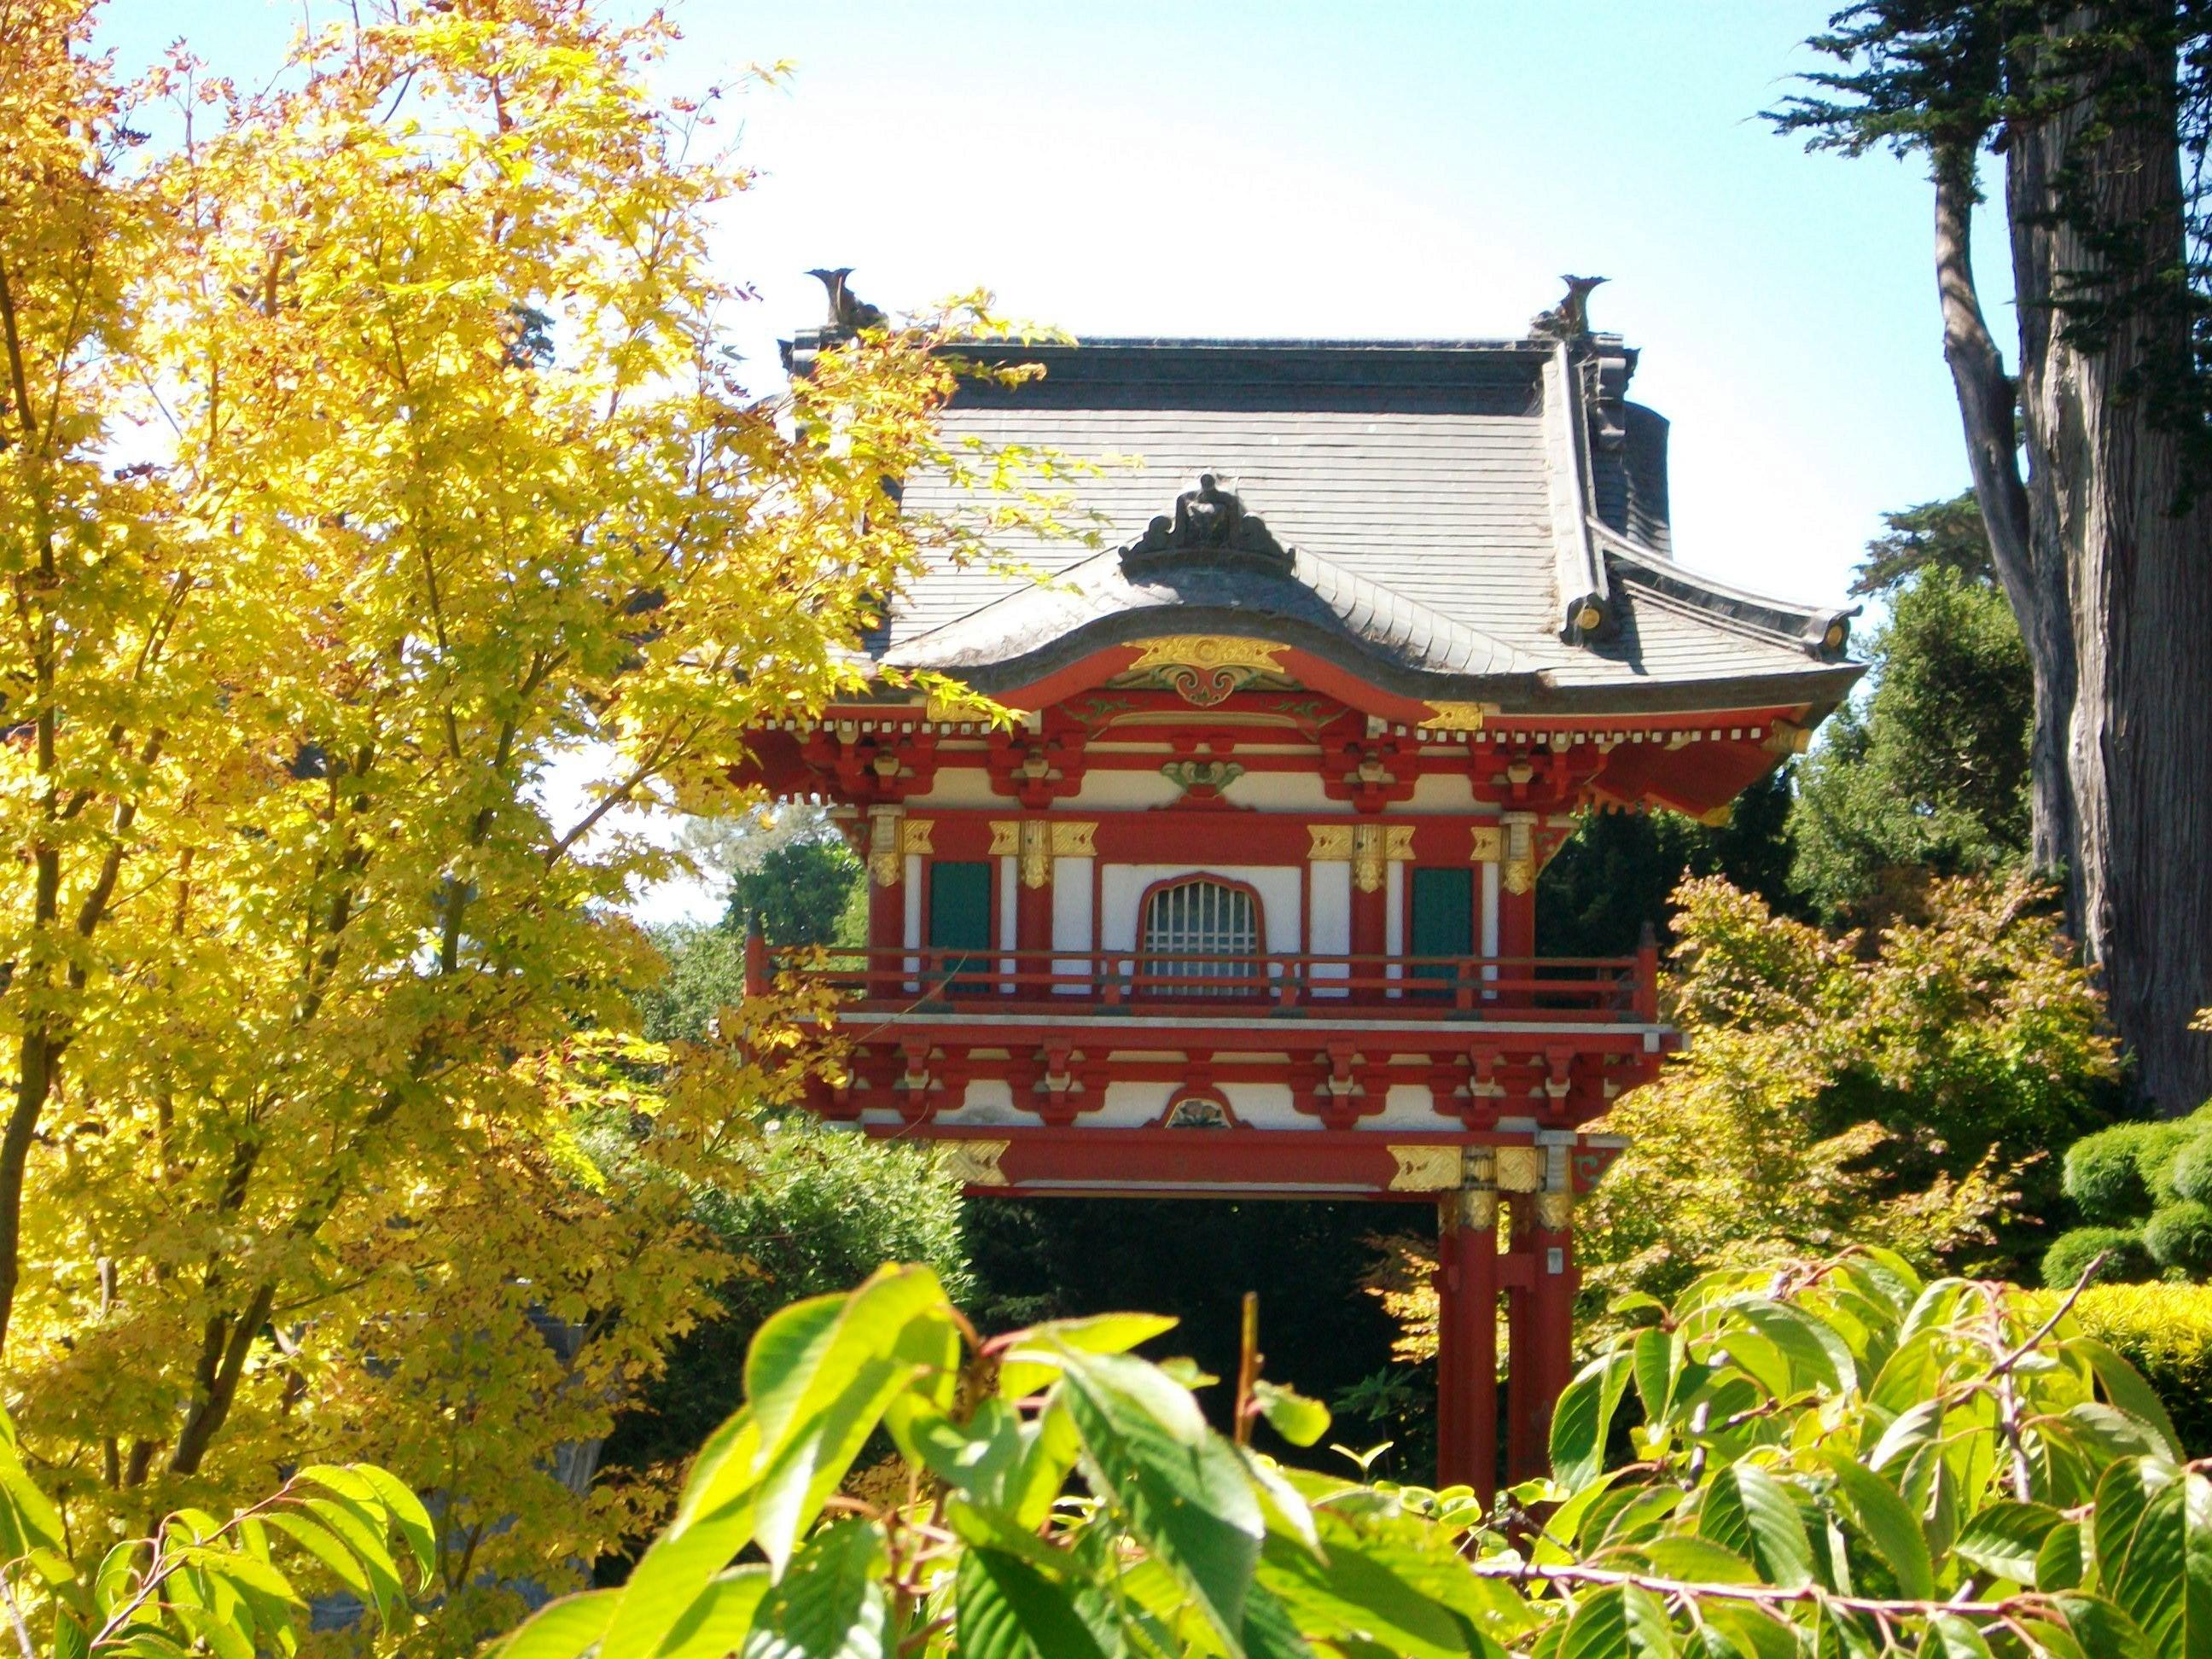 A pagoda inside the Japanese tea garden in San Francisco